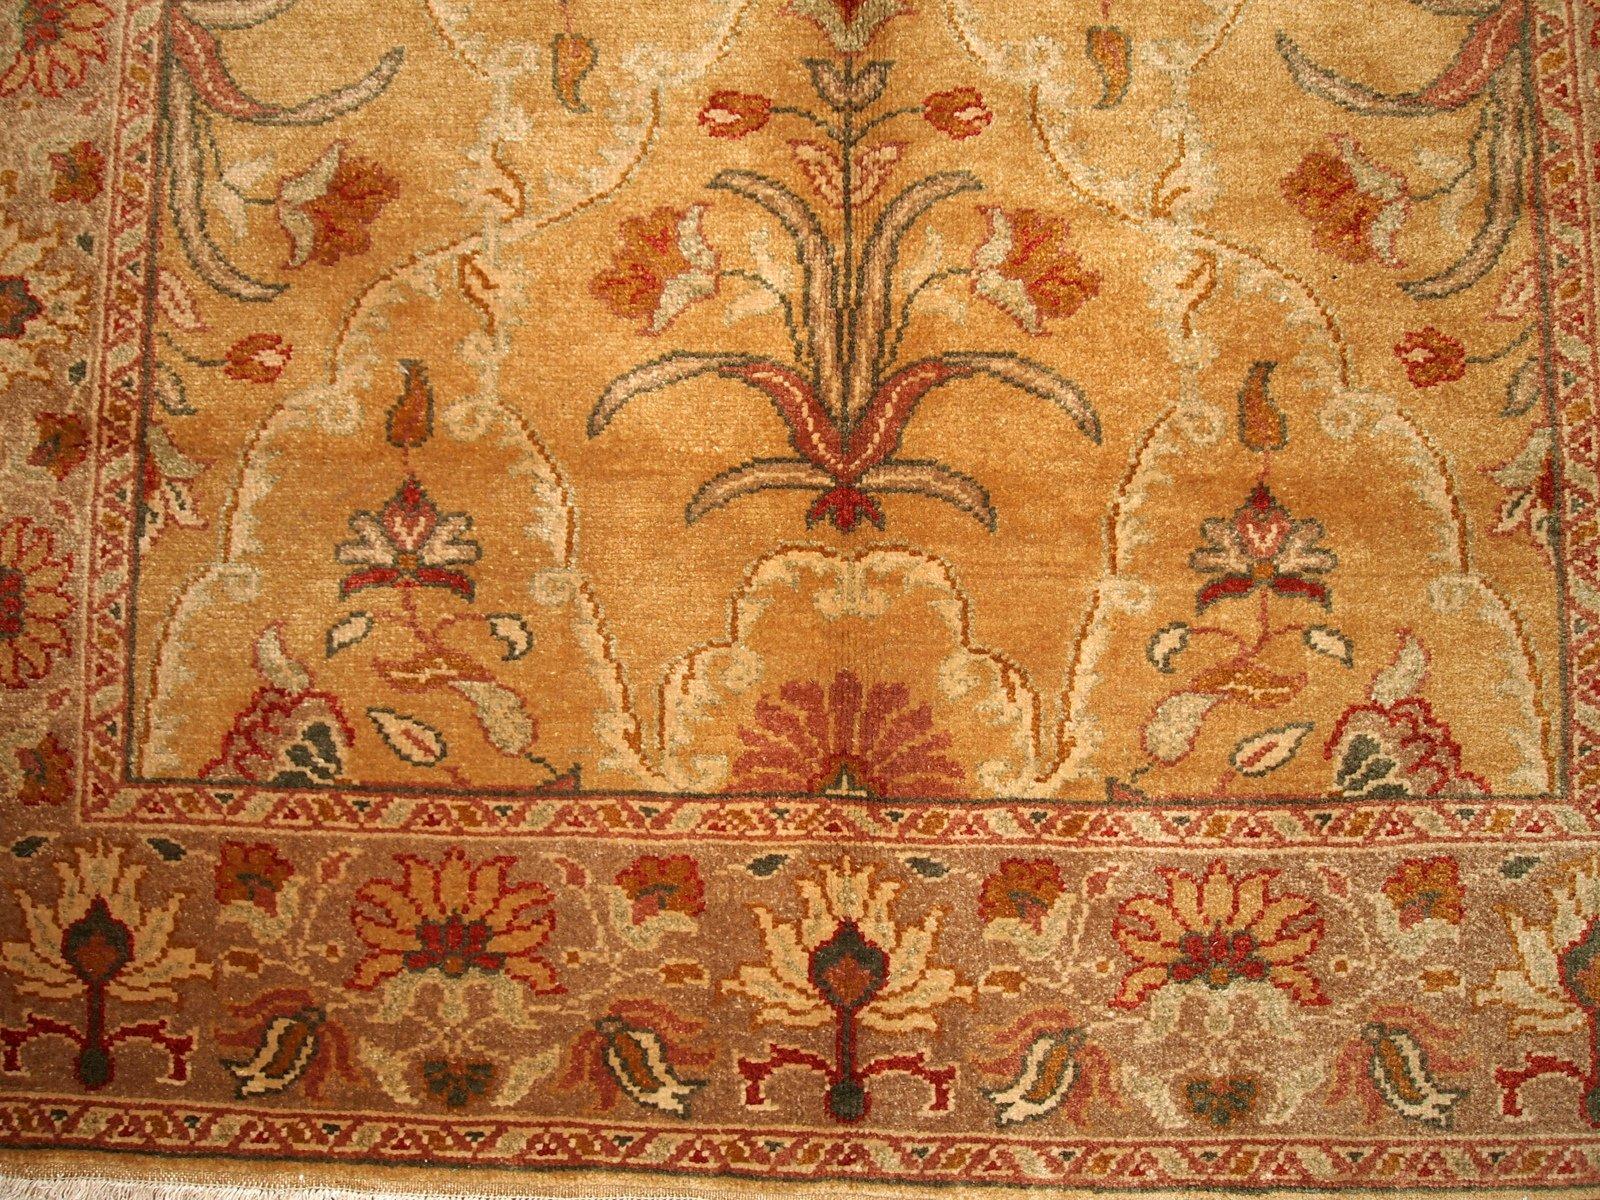 tapis vintage fait main turquie en vente sur pamono. Black Bedroom Furniture Sets. Home Design Ideas